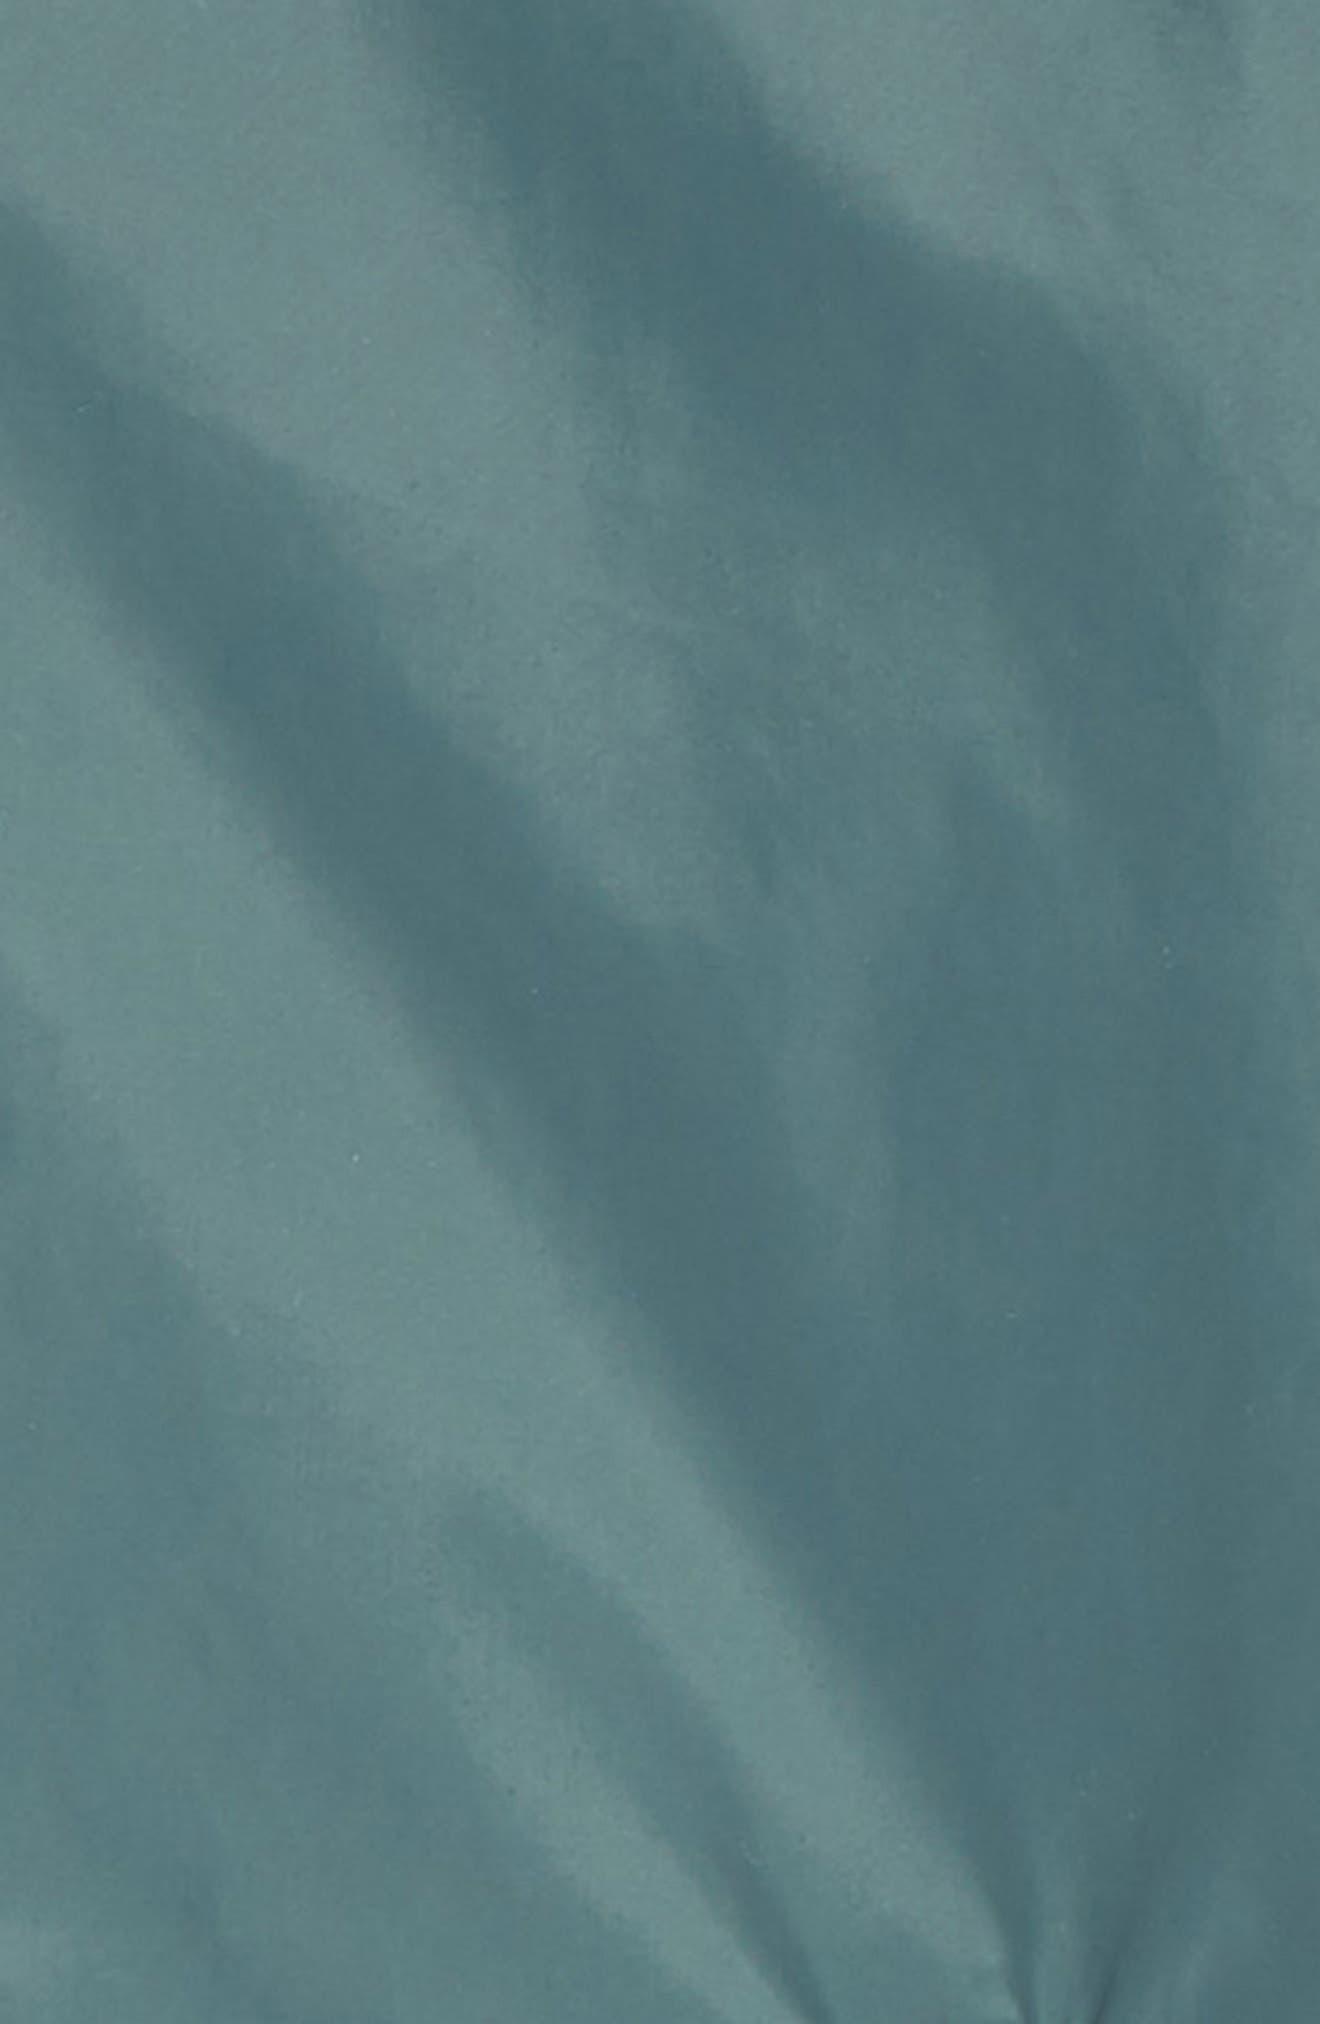 Alternate Image 2  - Vans Torrey Water Resistant Windbreaker Jacket (Big Boys)